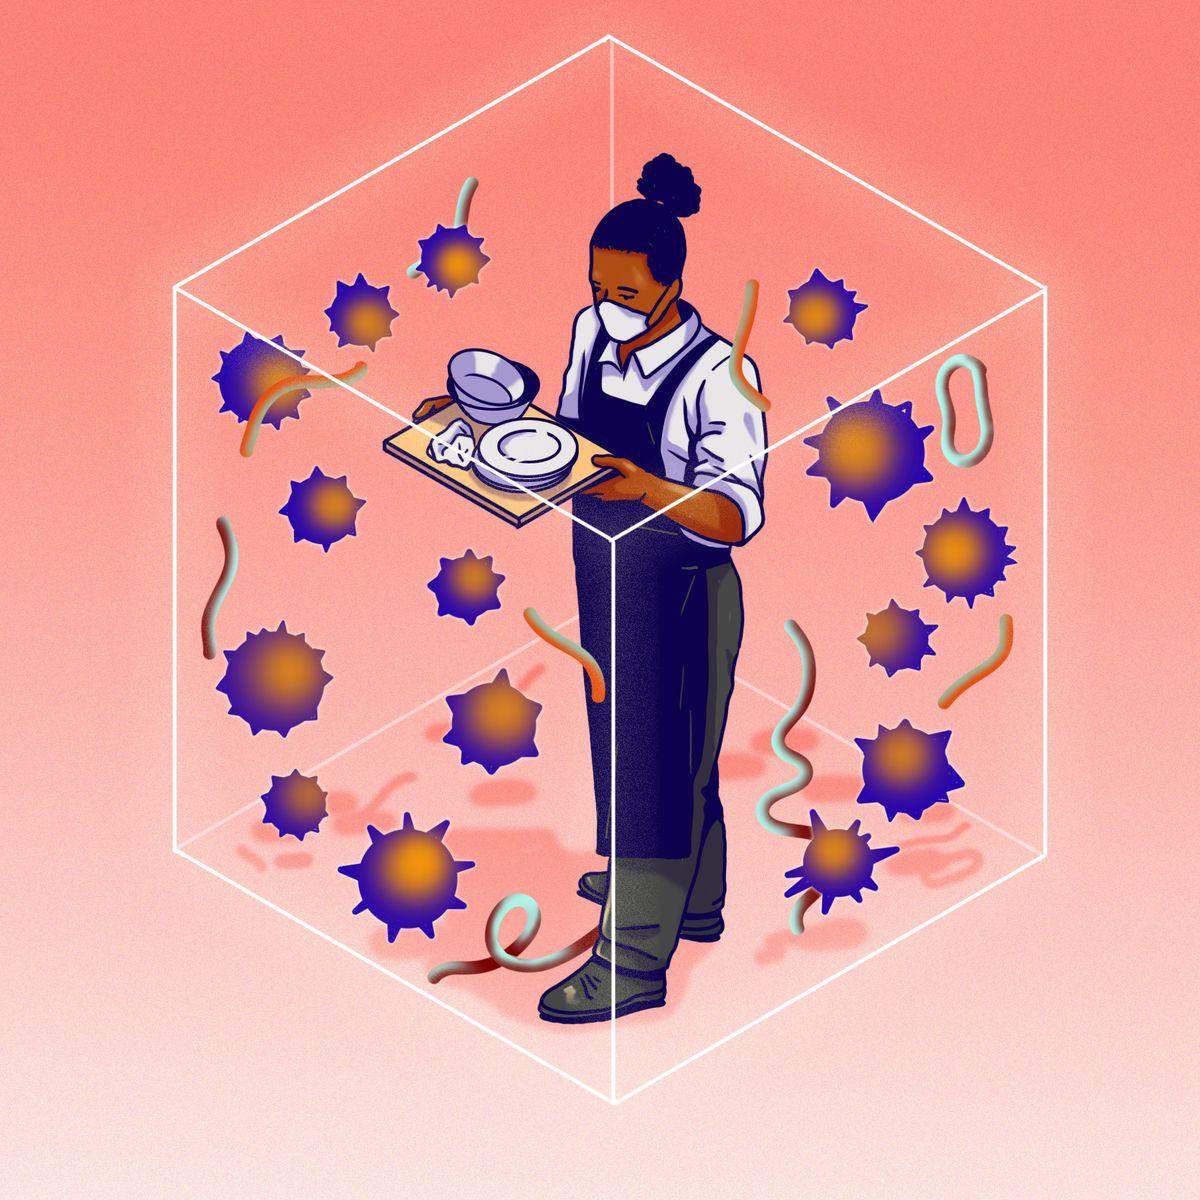 Le serveur portant un masque et portant un plateau est à l'intérieur d'un cube en plastique transparent, avec des particules de germe qui l'entourent.